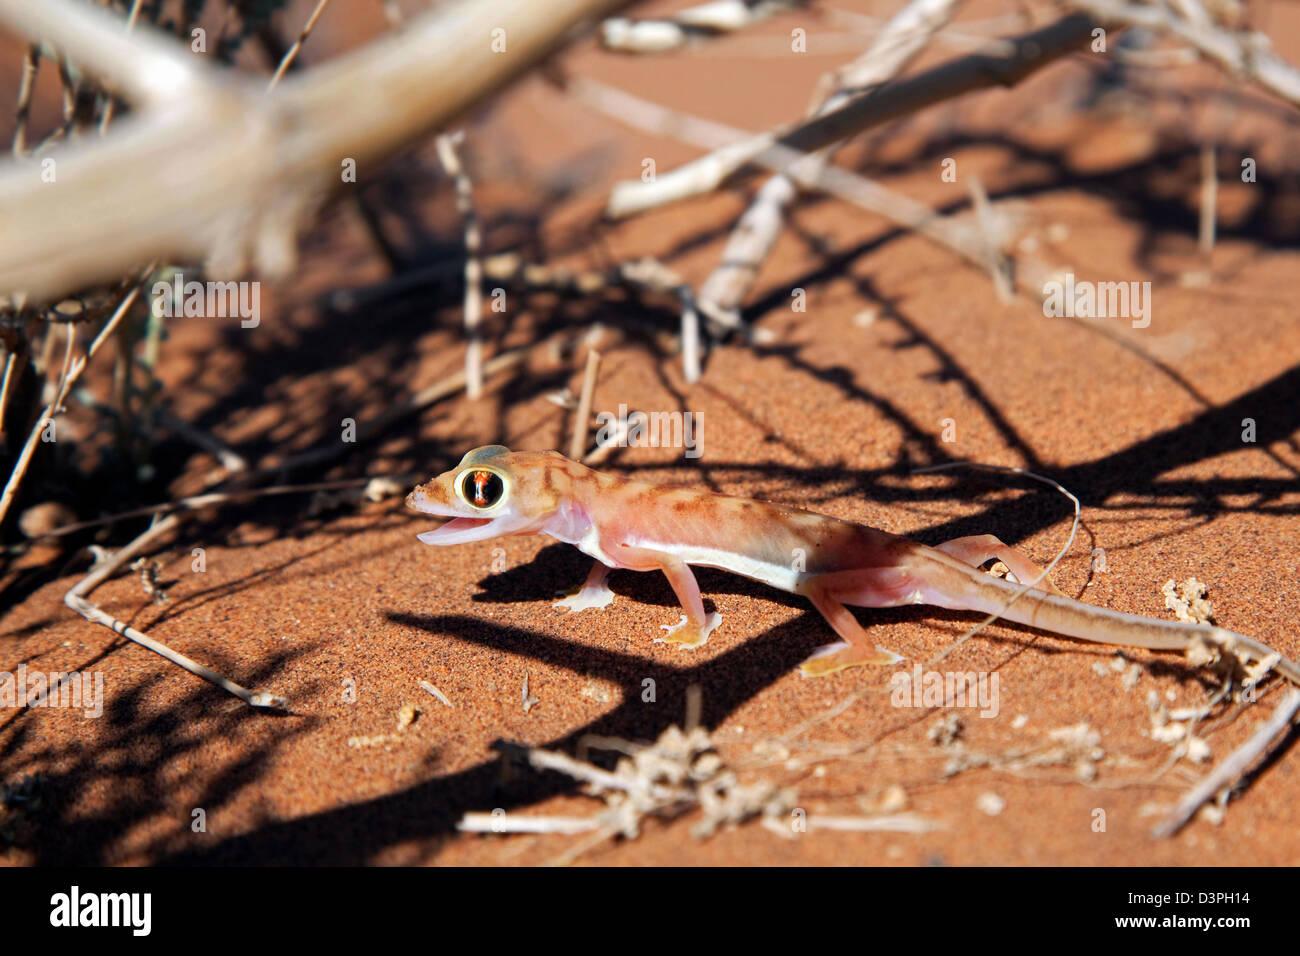 Namib sand gecko / web-footed gecko (Pachydactylus rangei) in the Namib desert, Sossusvlei, Namibia, South Africa Stock Photo